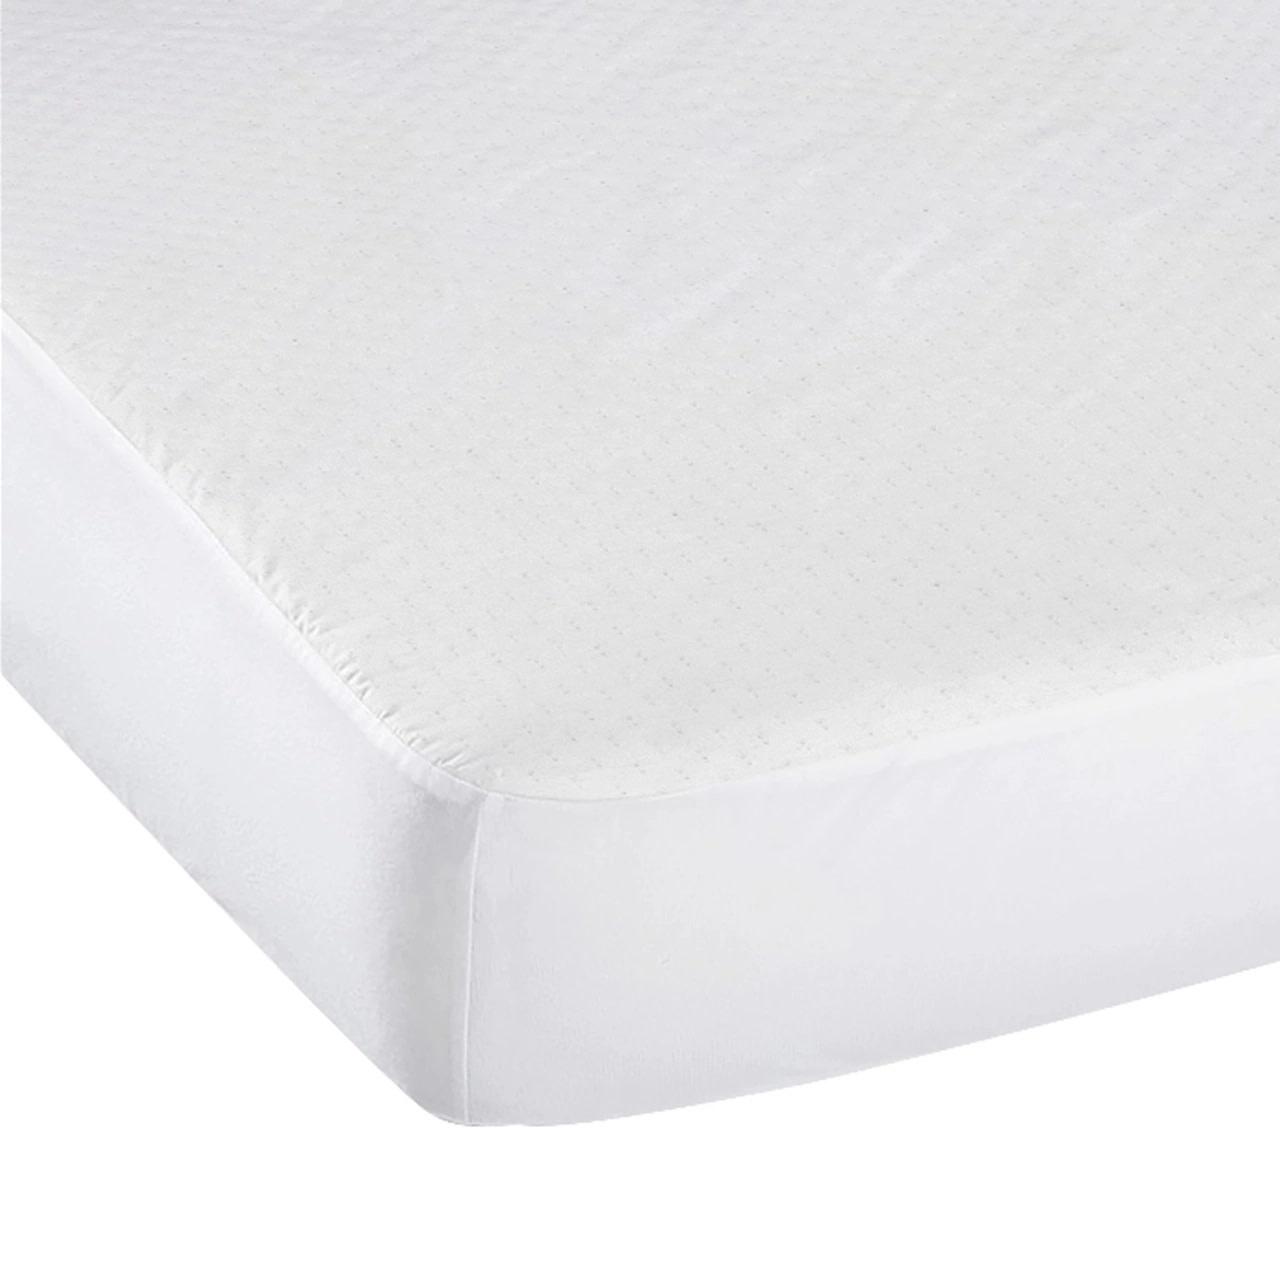 Kushies Waterproof Crib Mattress Protector